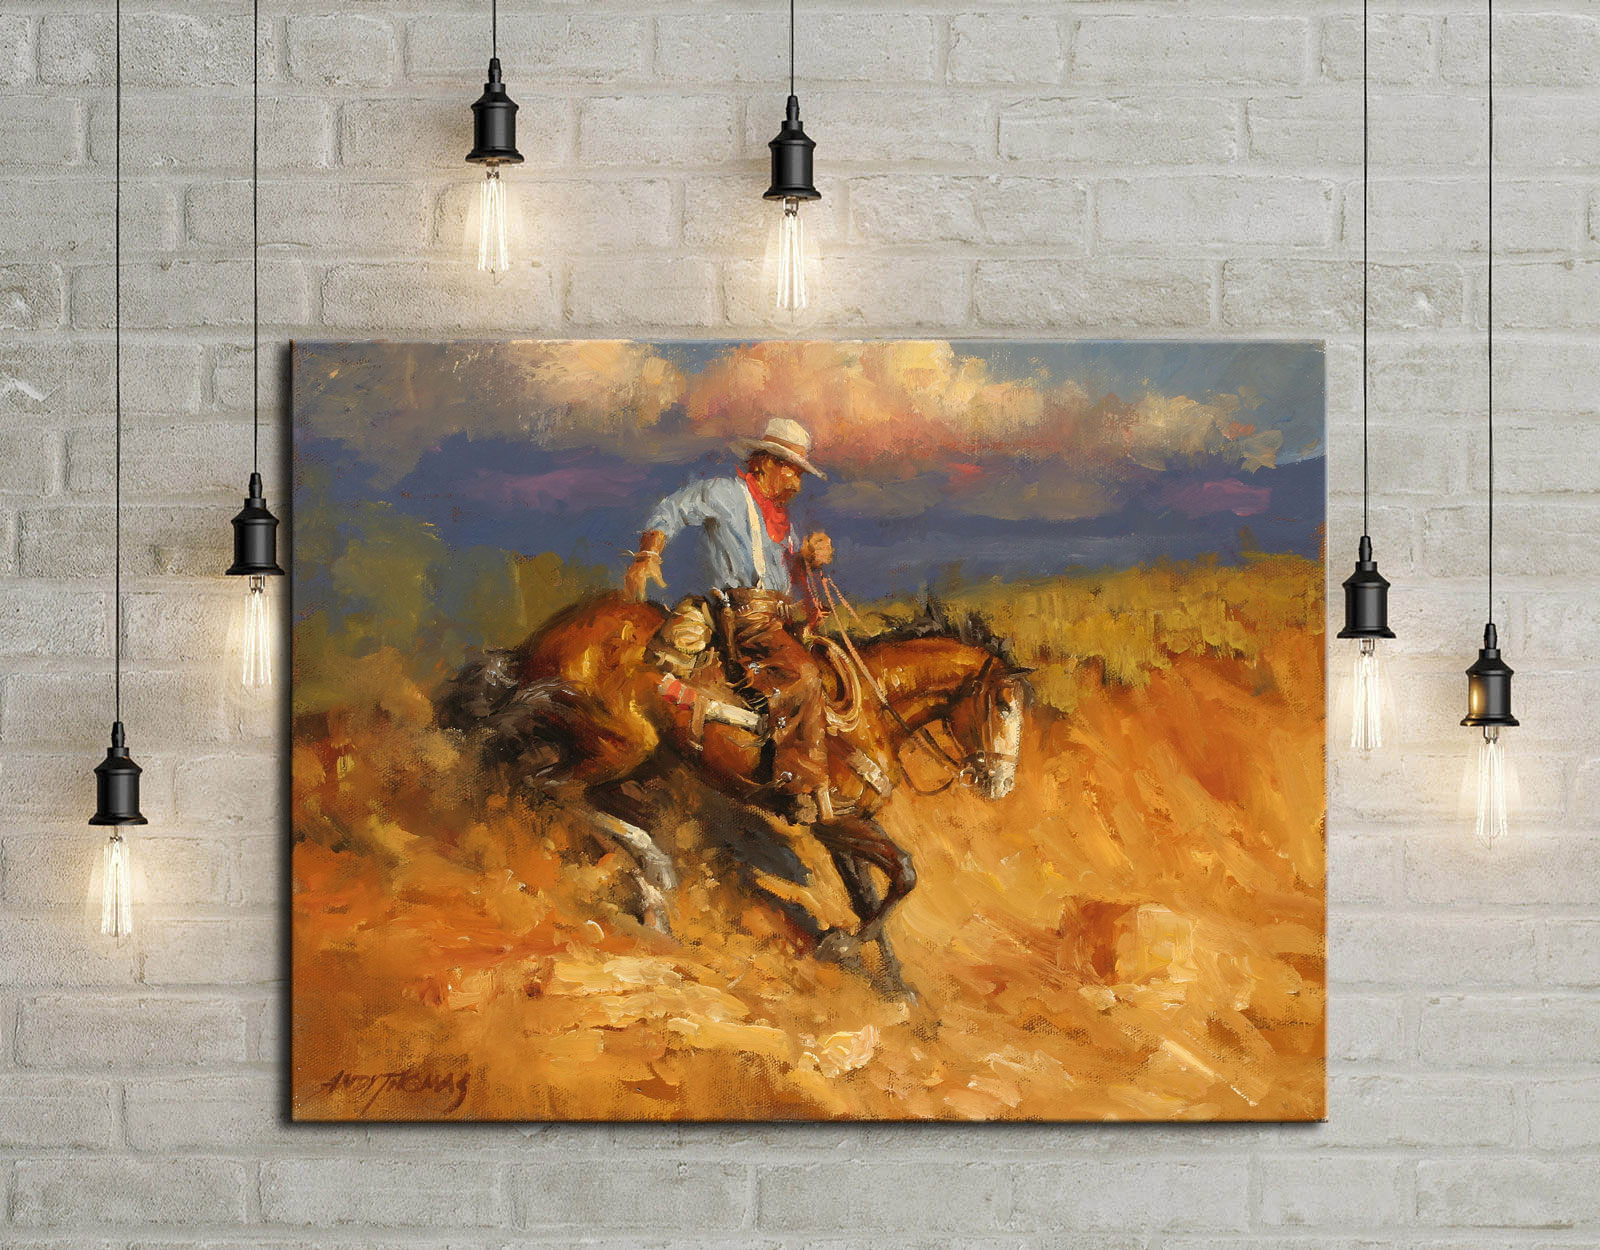 Andy Thomas occidental paisaje estilo vaquero regalo lienzo pintura habitación dormitorio Casa decor moderno arte de la pared pintura al óleo #009